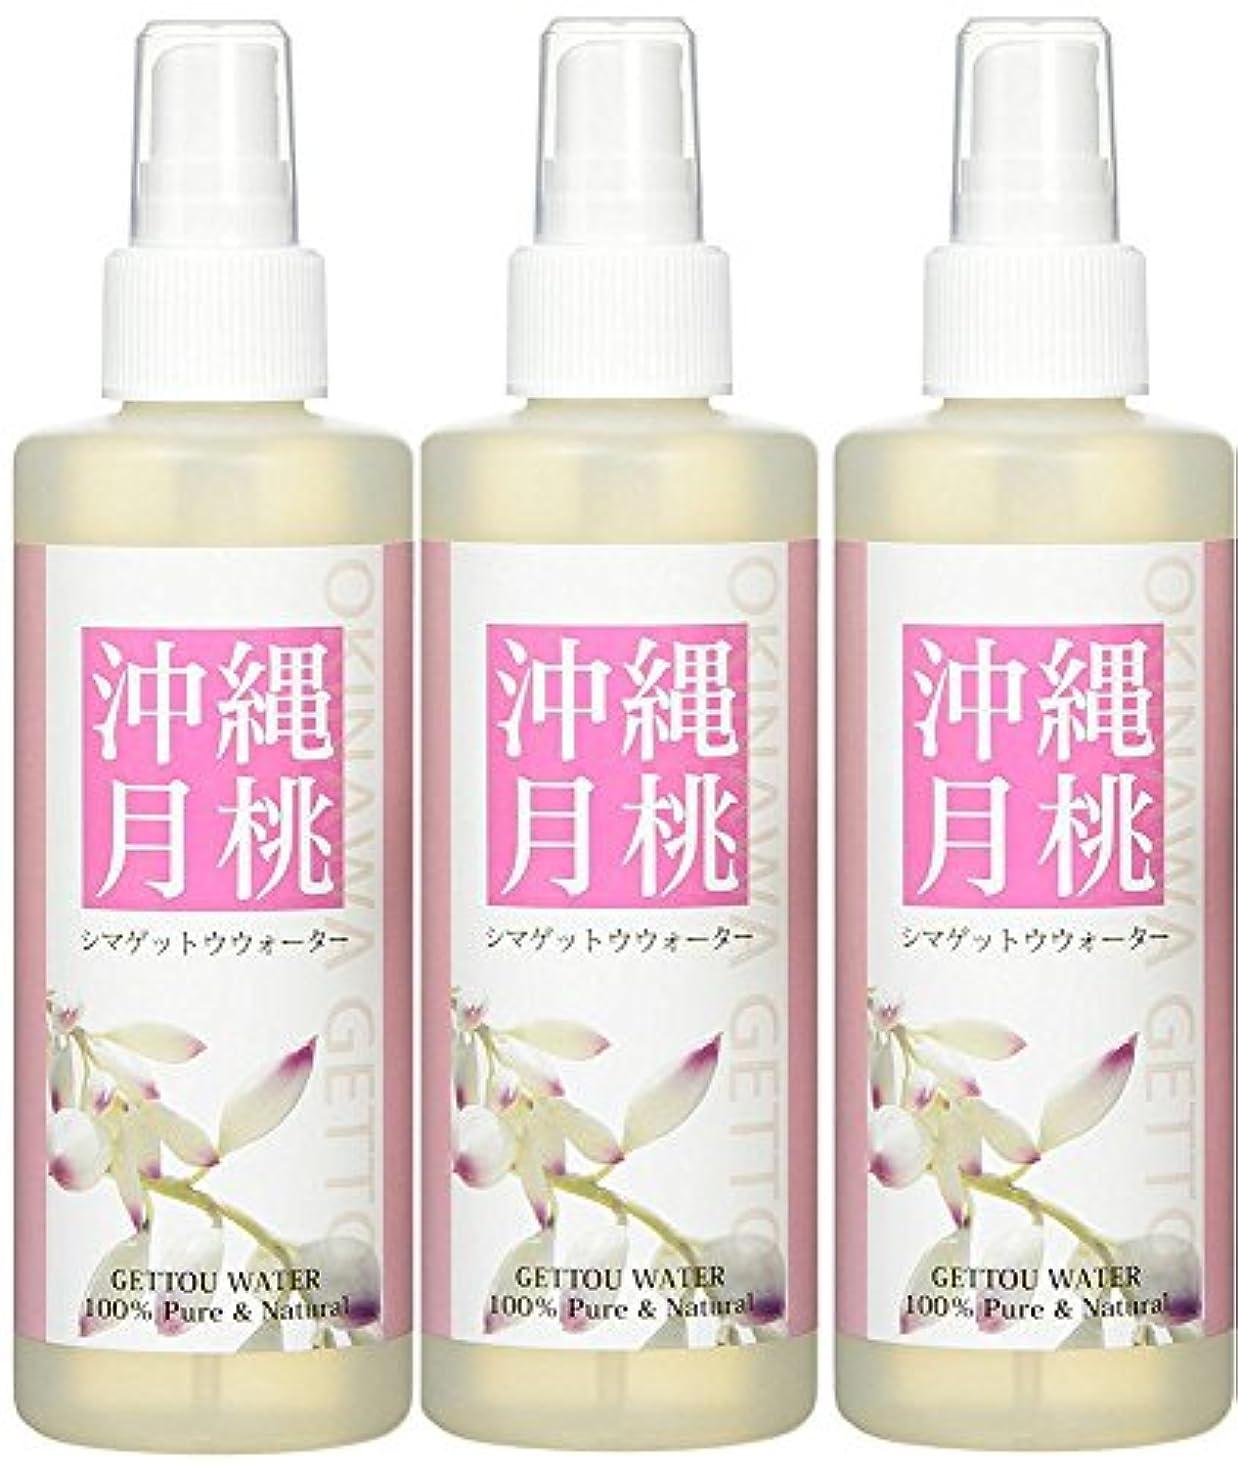 アレルギー赤字ニコチン日本月桃 シマゲットウウォーター (100%天然成分ハーブ水) 200ml 3本